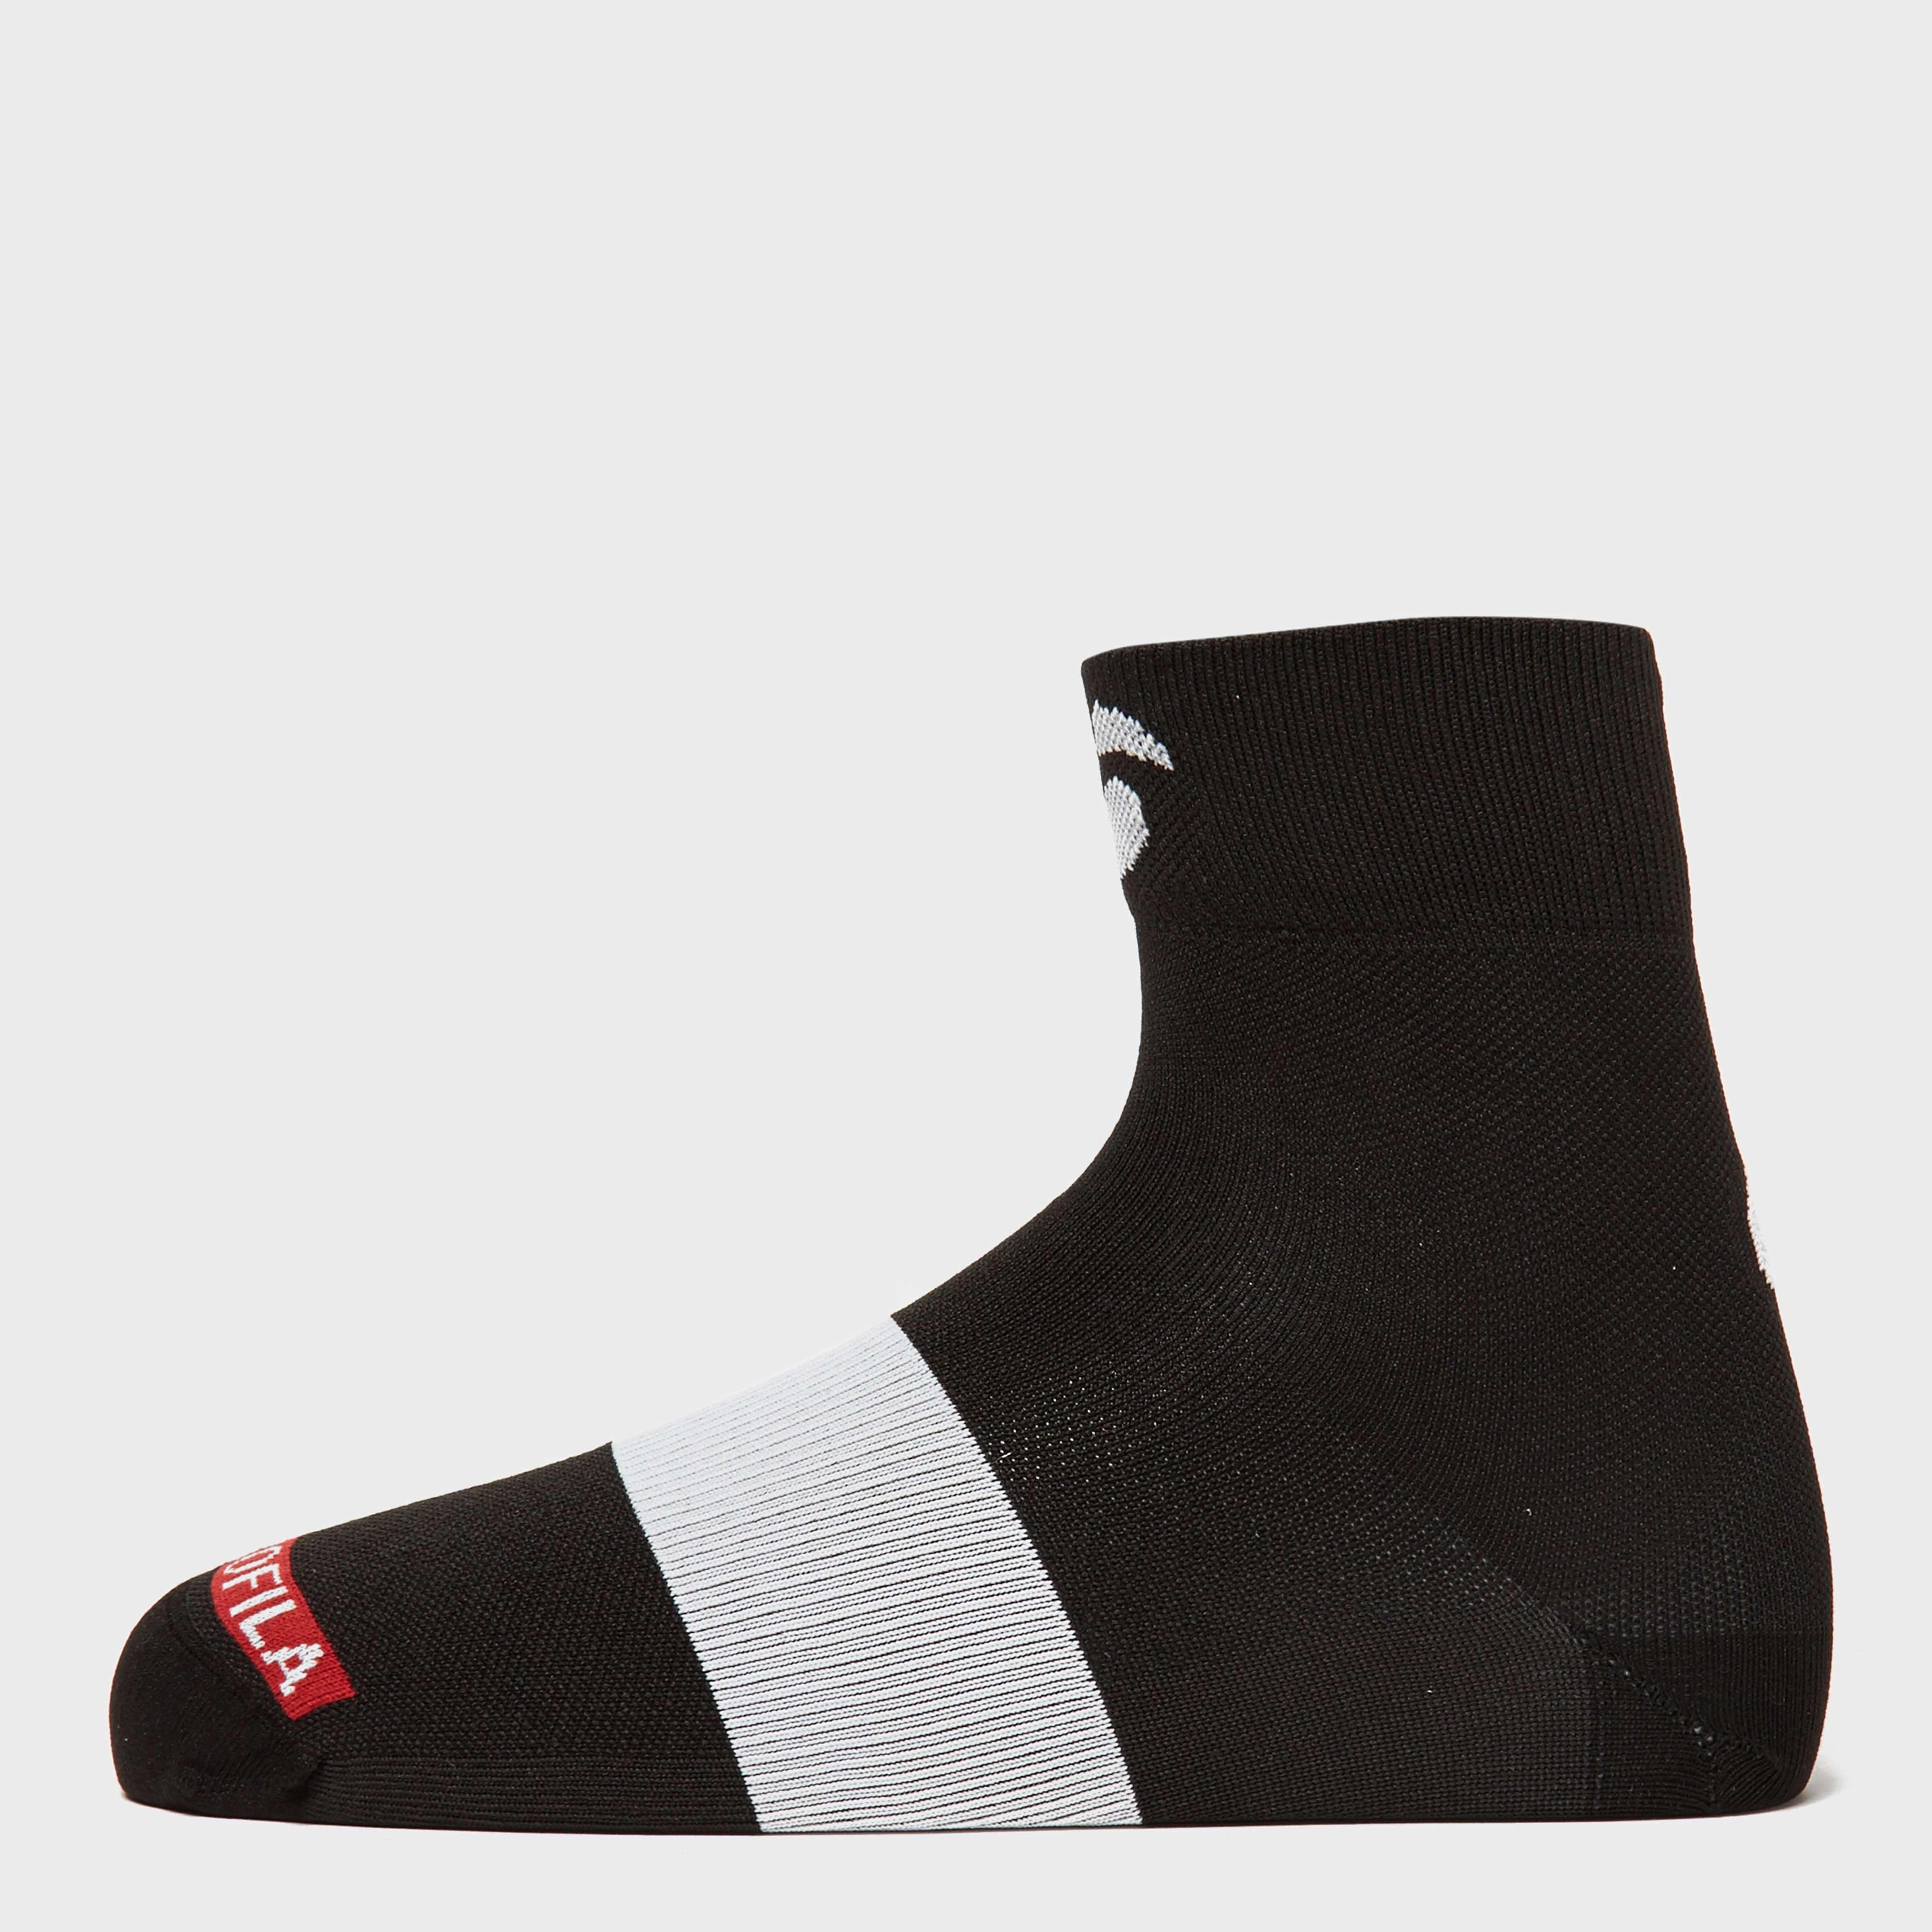 BONTRAGER Brace 2.5 Socks (3 Pack)